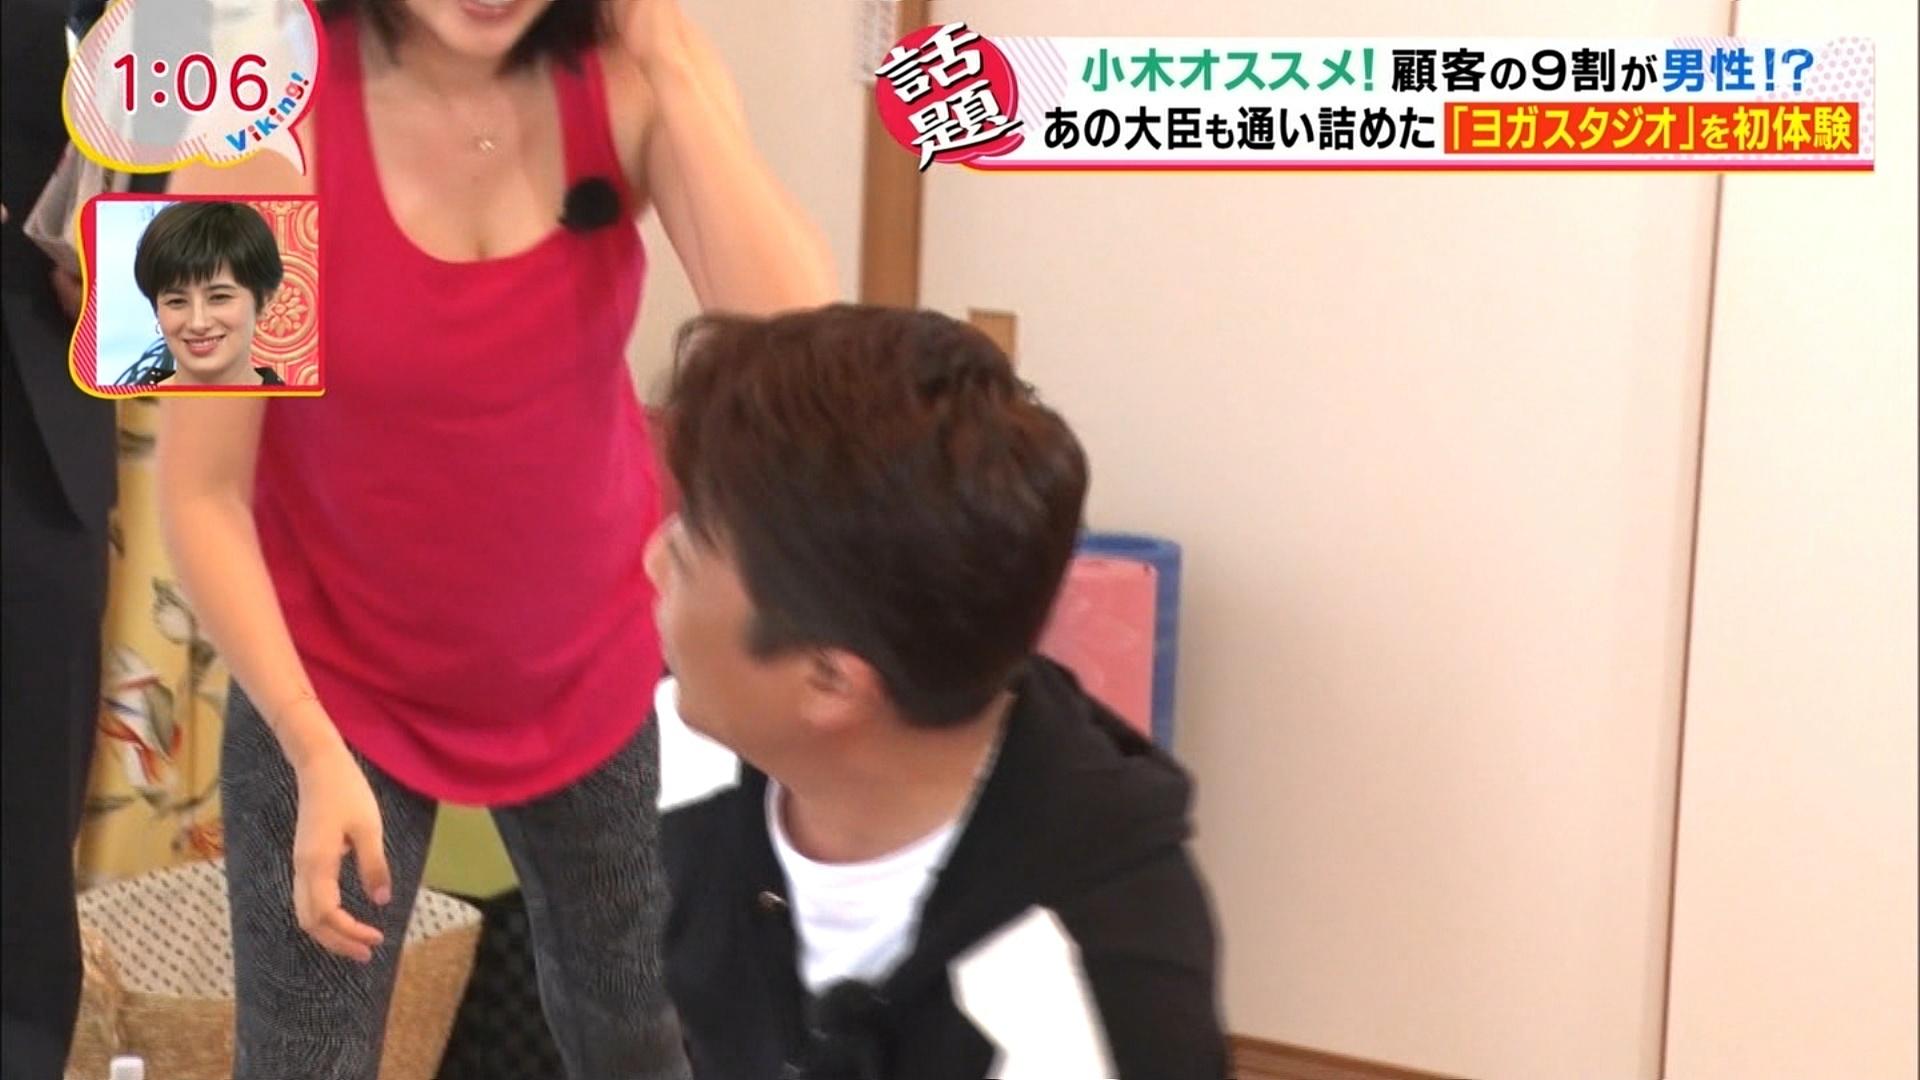 2019年8月14日に放送された「バイキング」に出演した庄司ゆうこさんのテレビキャプチャー画像-166